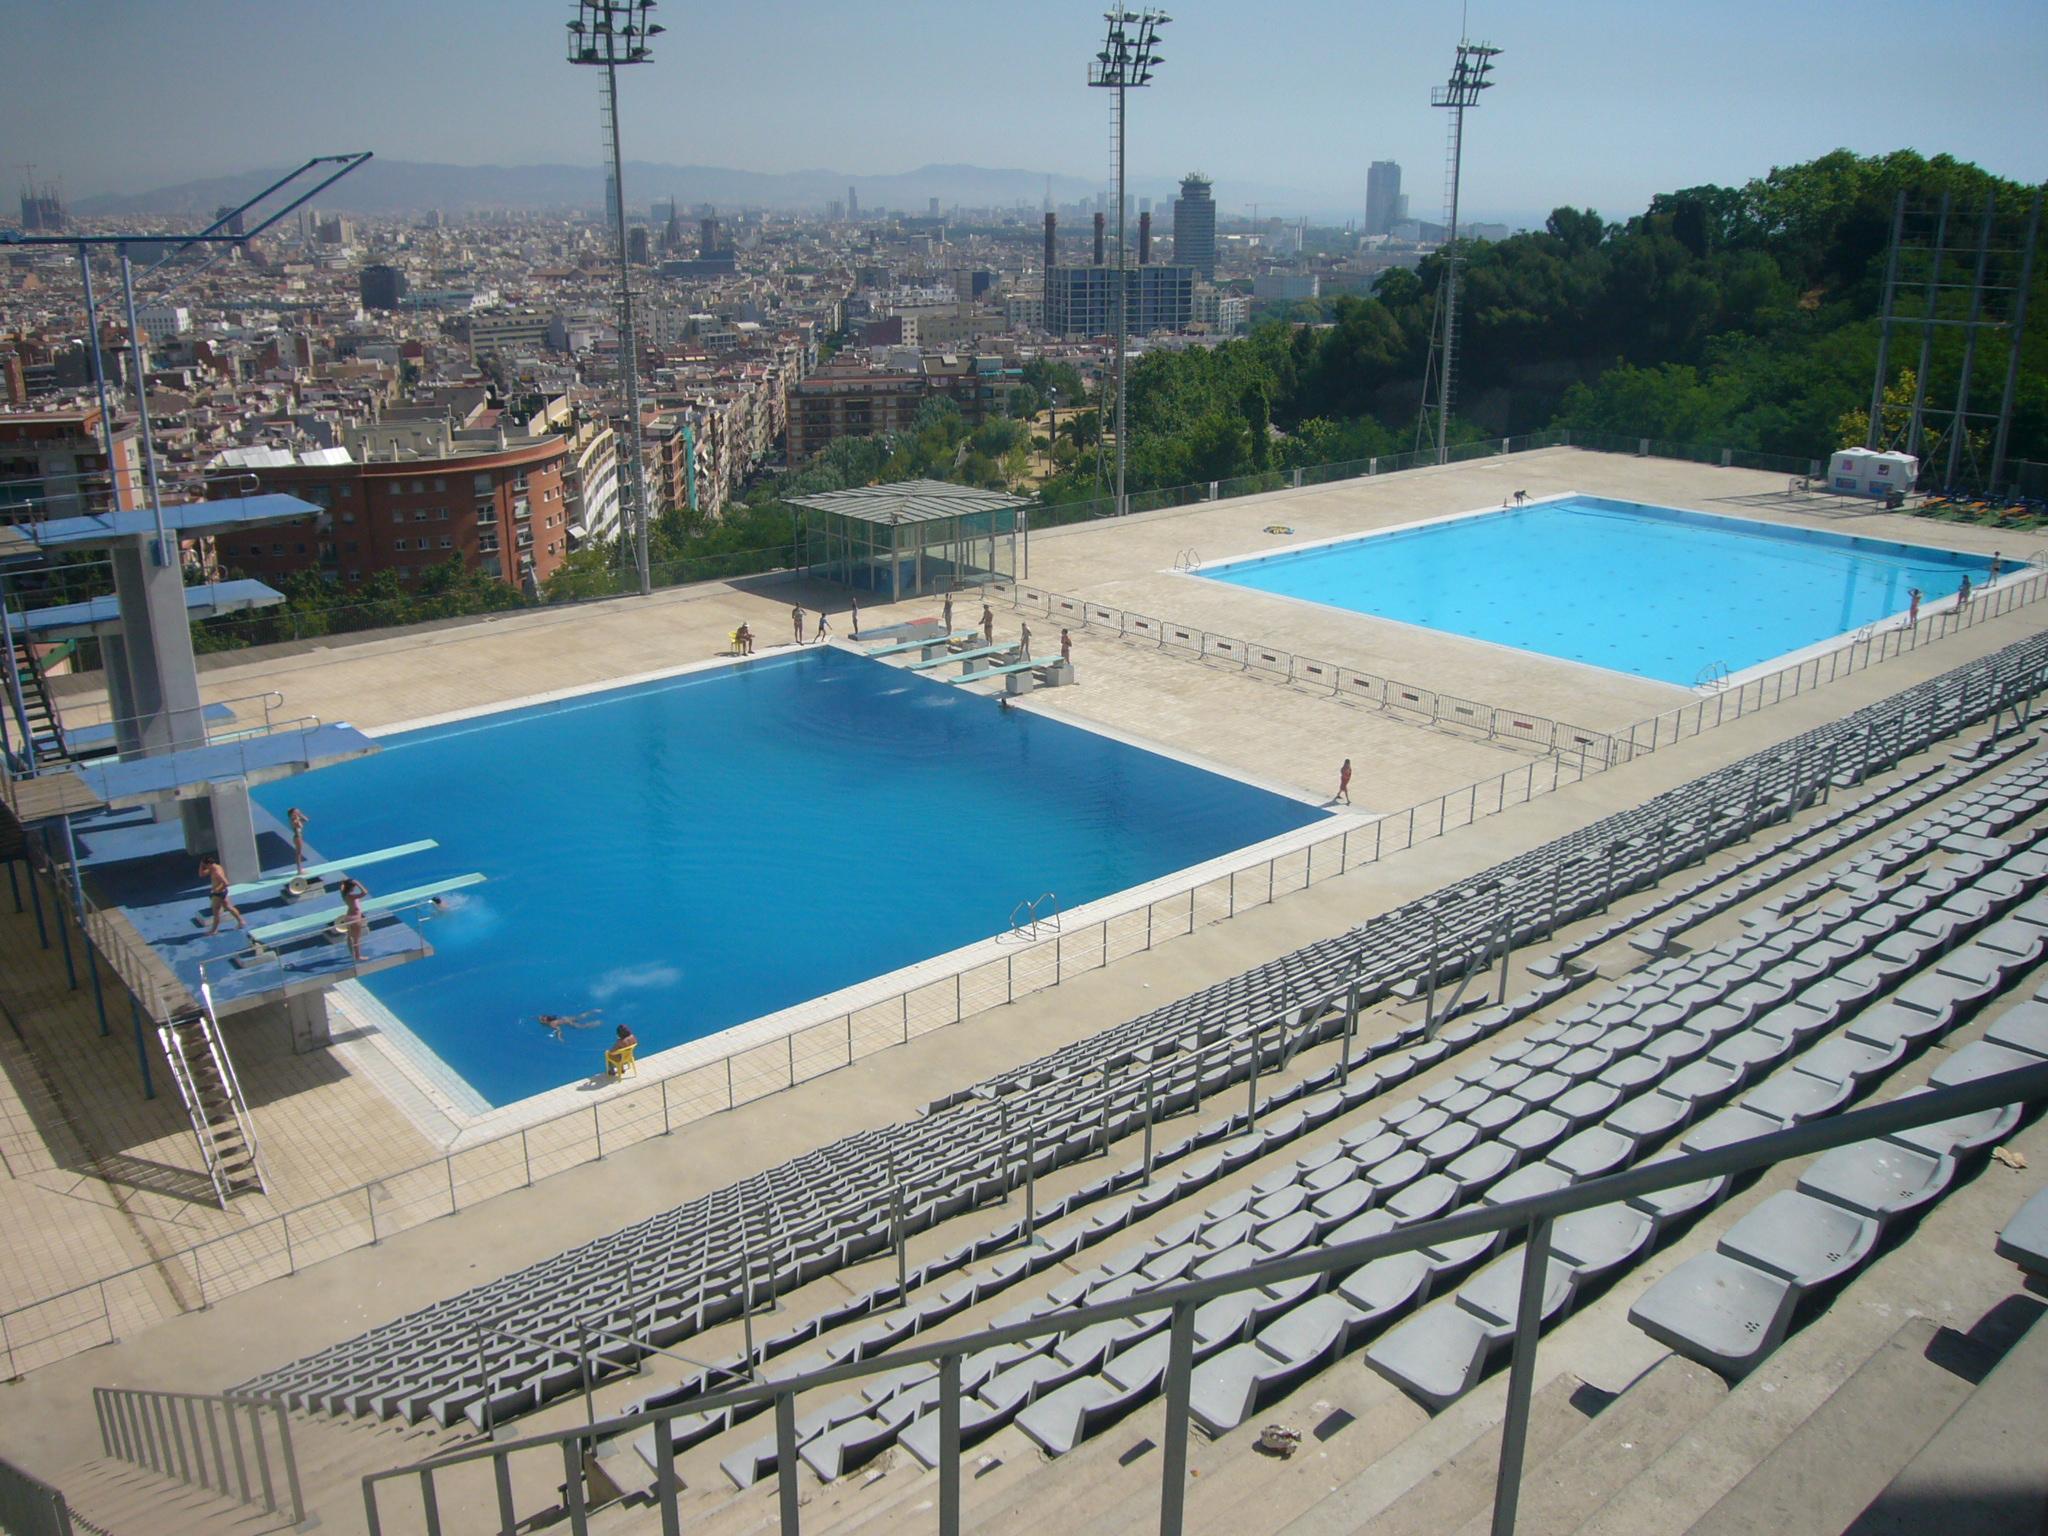 Foto Di Piscine Private piscina municipal de montjuïc - wikipedia